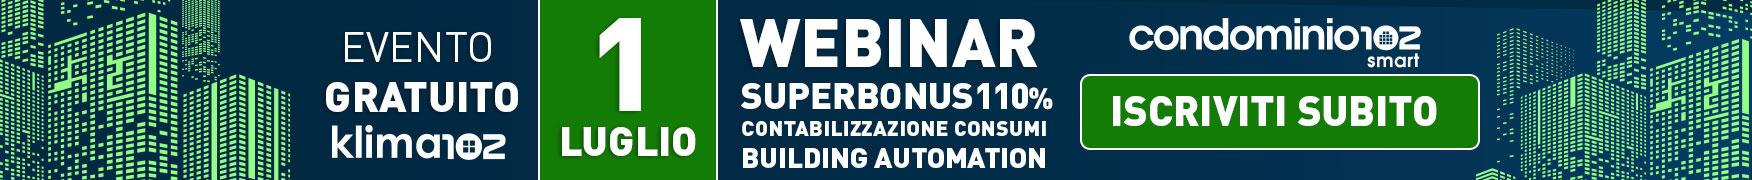 condominio102 organizza webinar gratuiti su superbonus110 e building automation e contabilizzazione consumi luglio